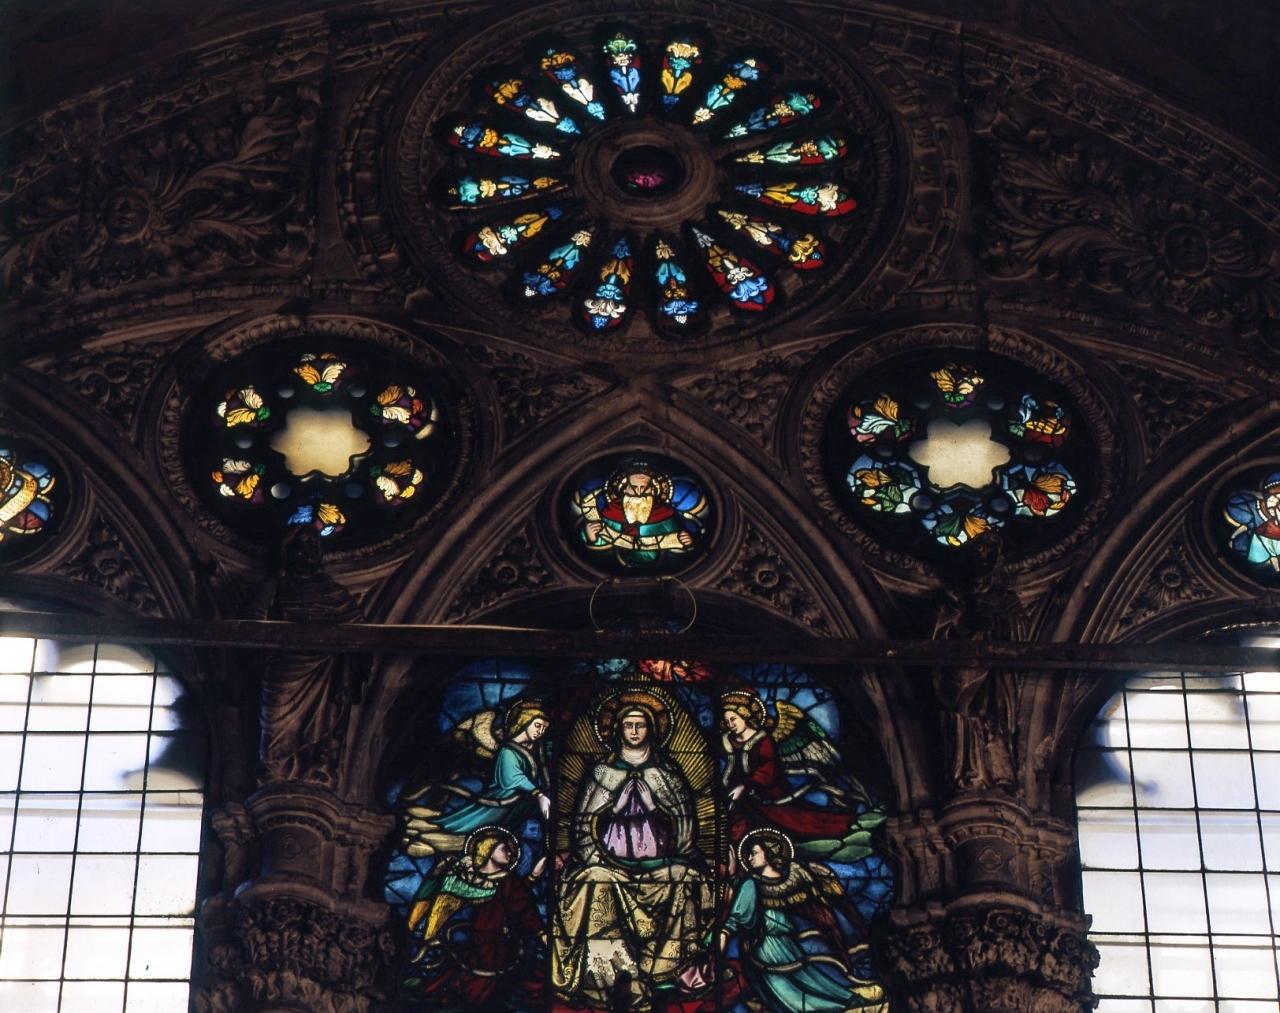 profeta (vetrata) - bottega fiorentina (fine/ inizio secc. XIV/ XV)